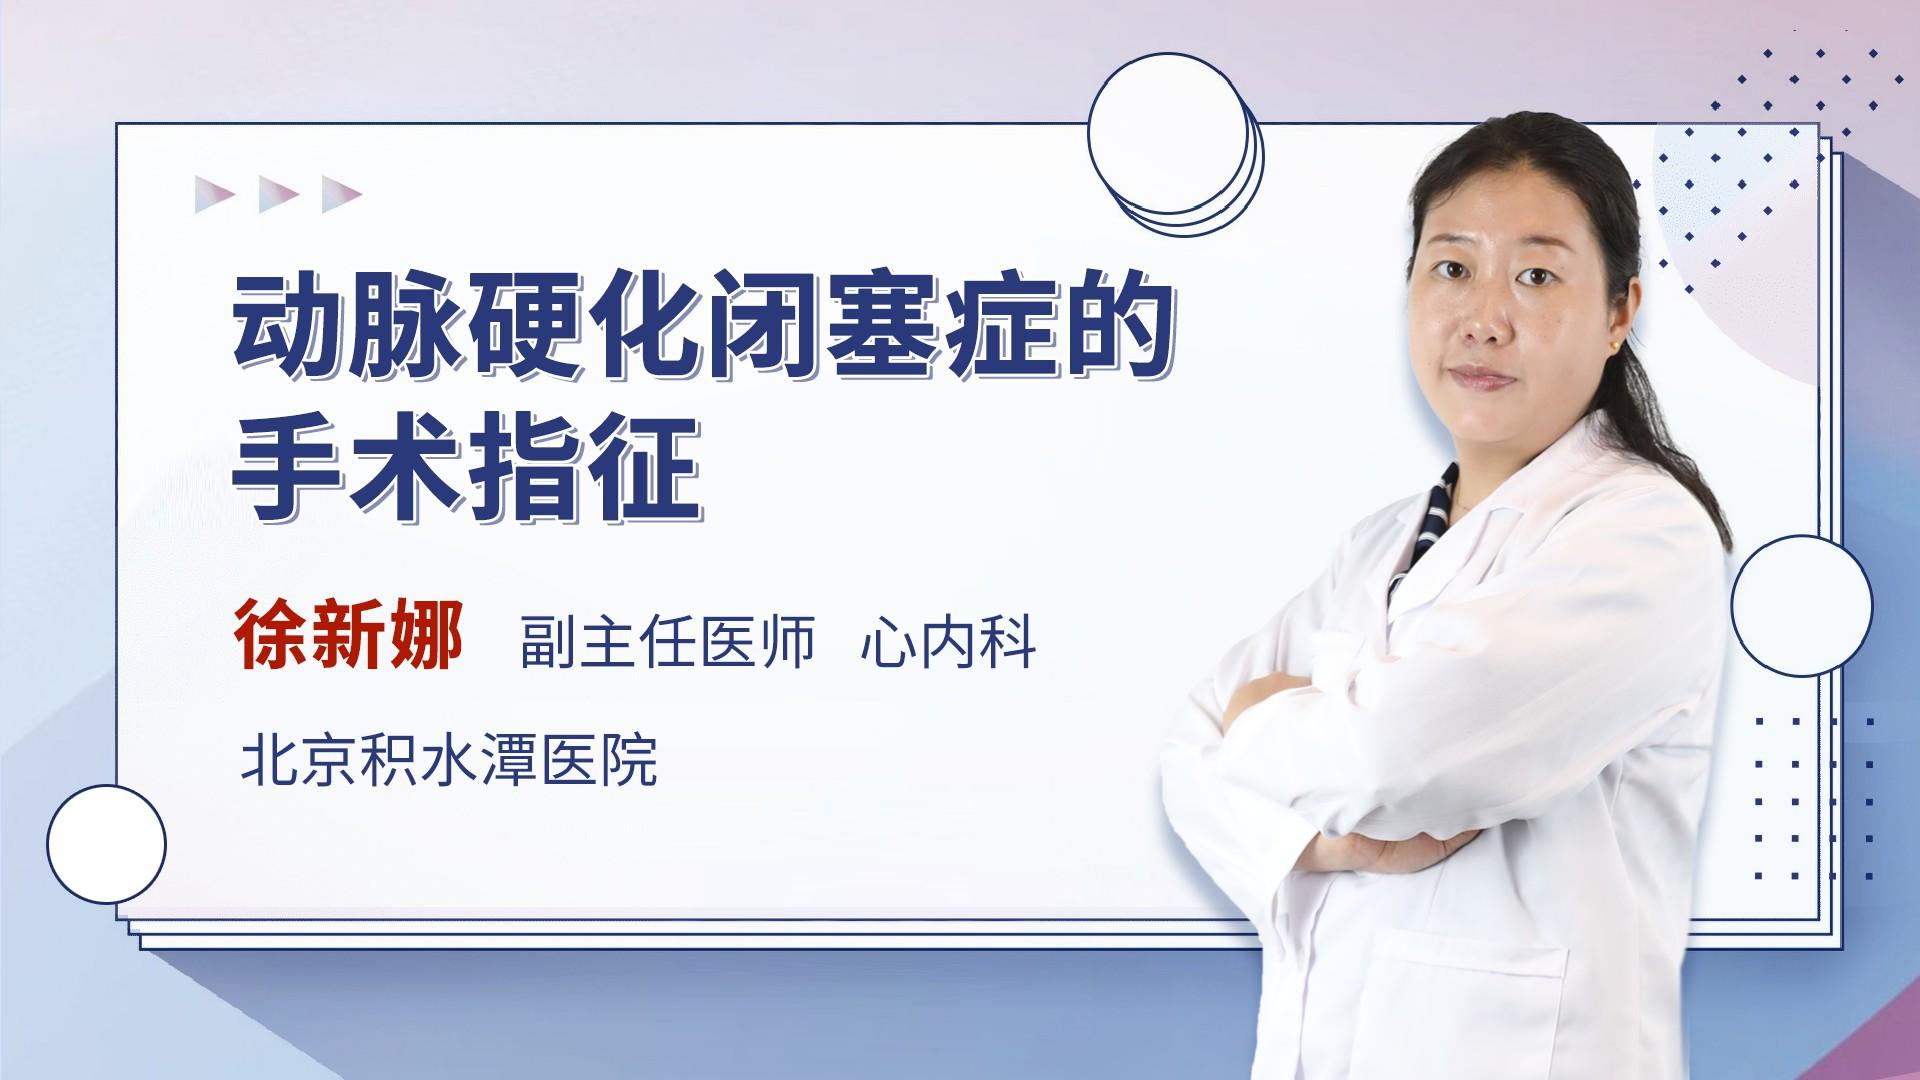 动脉硬化闭塞症的手术指征